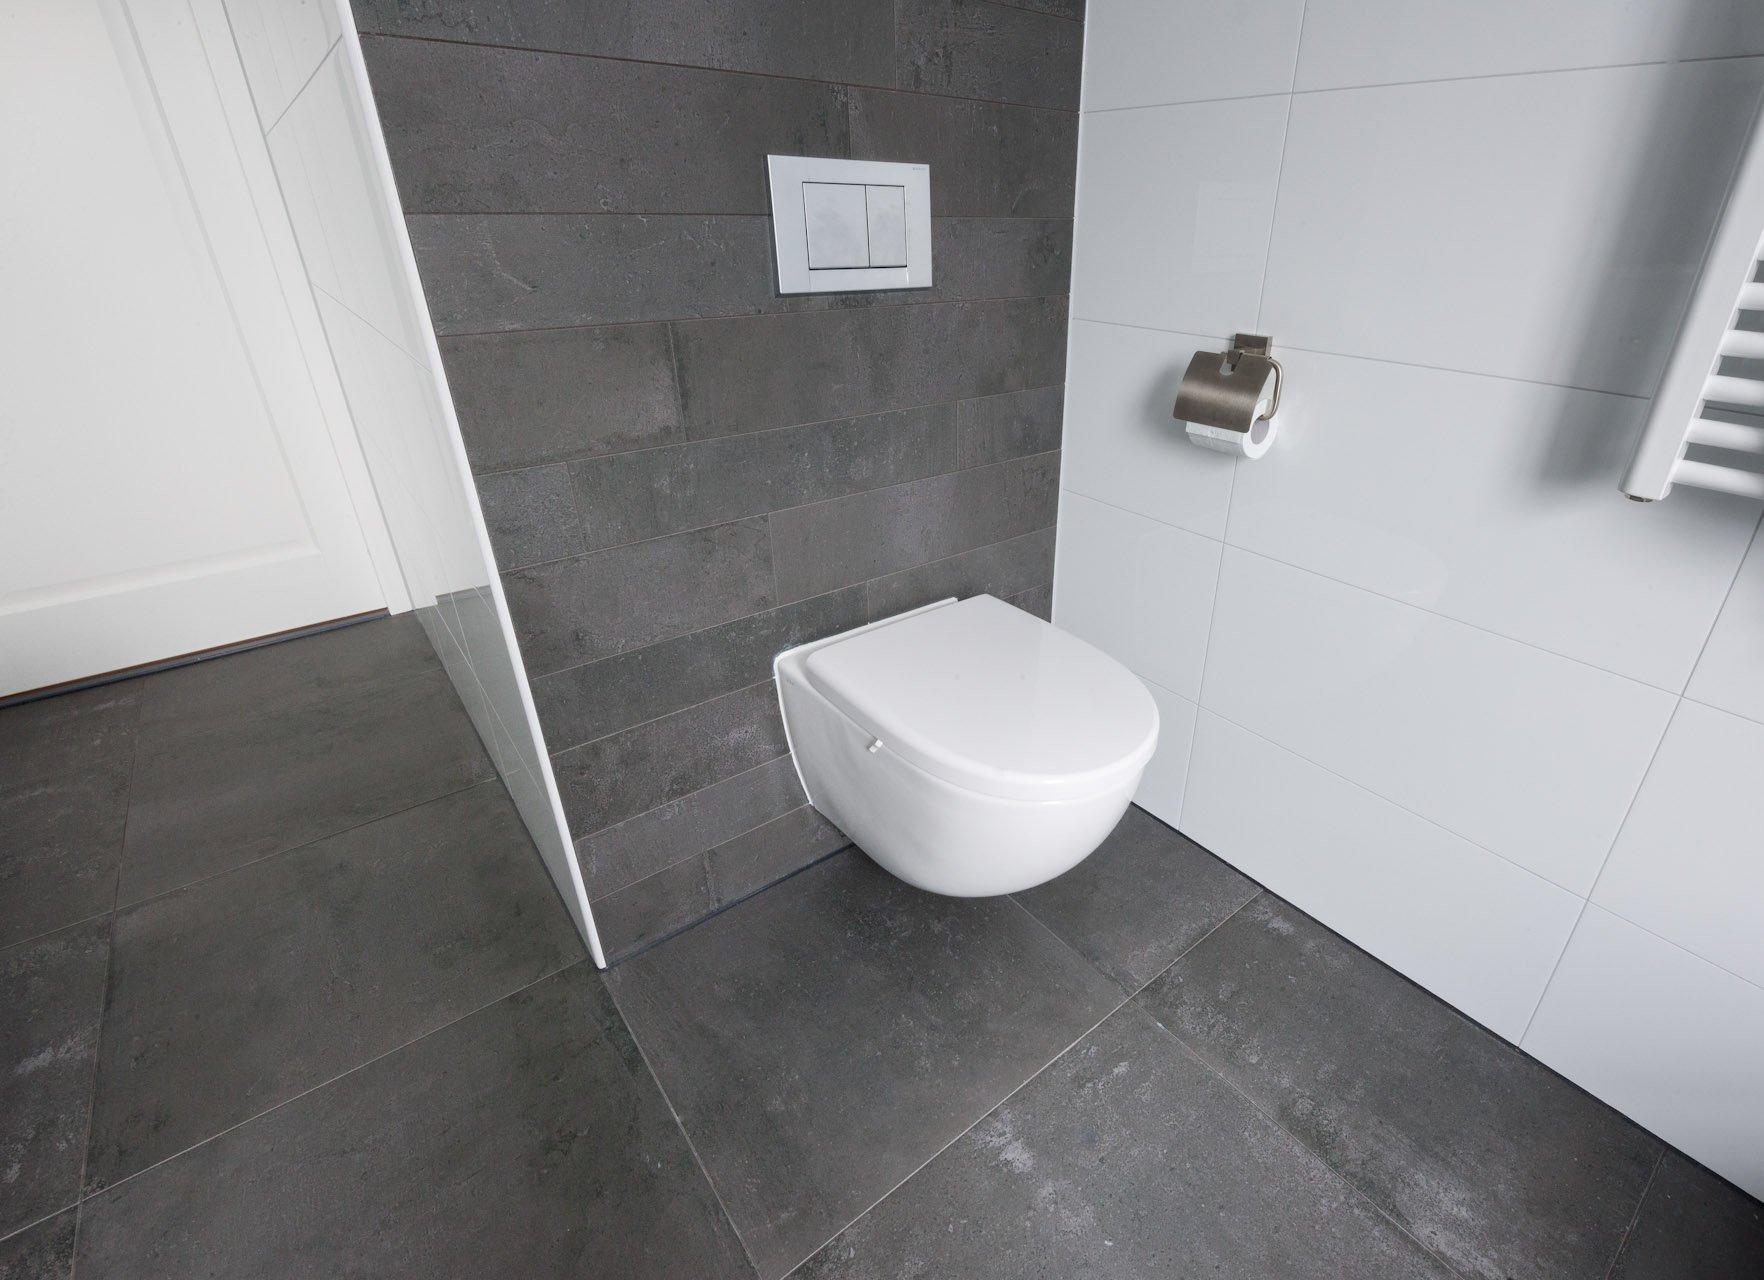 Badkamer Tegels Grijs : Grijze badkamer tegels badkamer tegels grijs elegant grijze